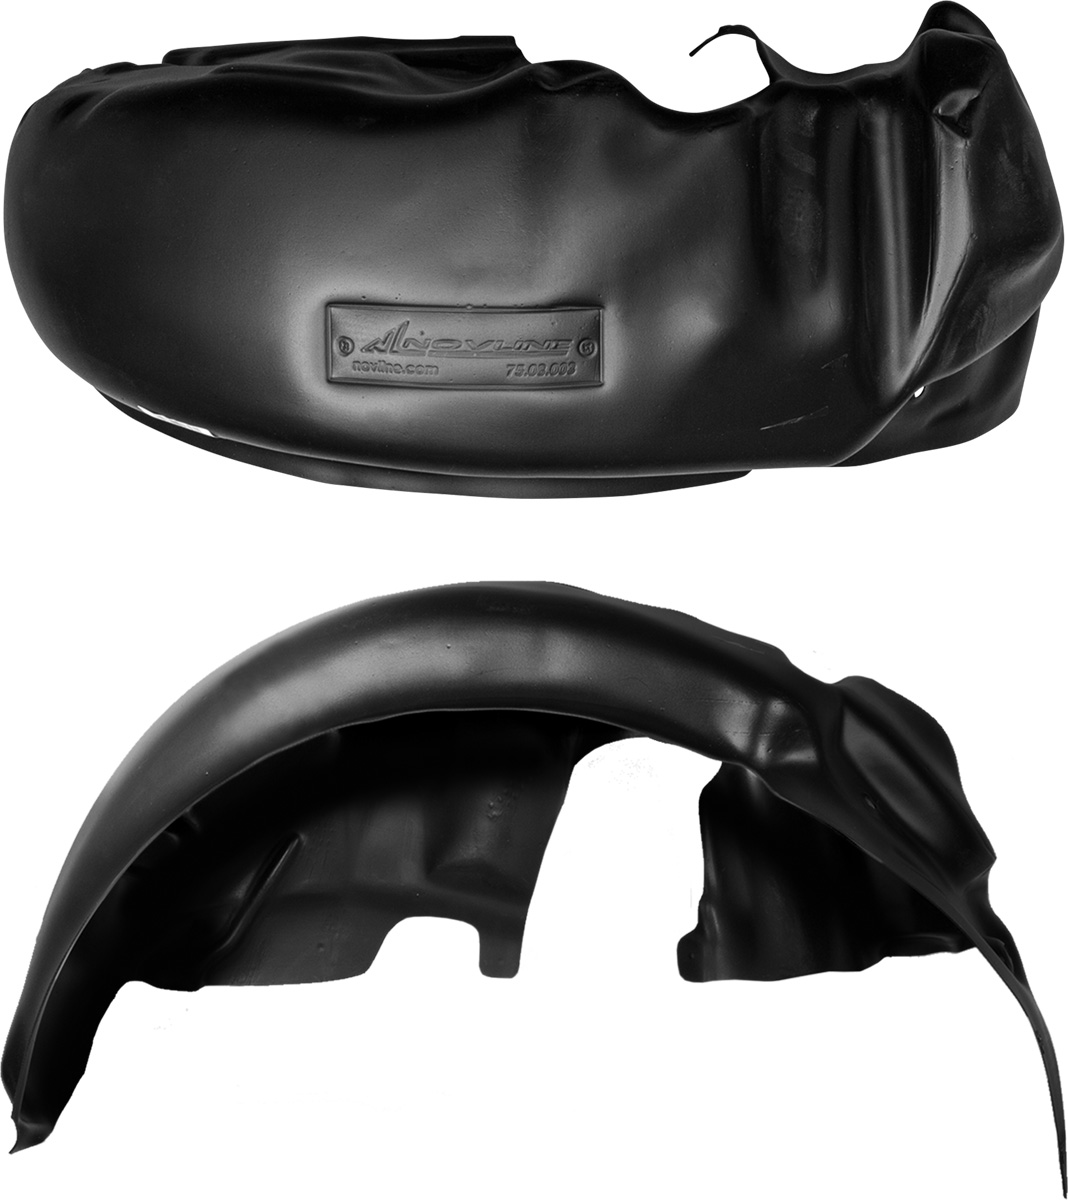 Подкрылок Novline-Autofamily, для Mitsubishi Lancer X, 03/2007->, седан, хэтчбек, задний левый1004900000360Колесные ниши - одни из самых уязвимых зон днища вашего автомобиля. Они постоянно подвергаются воздействию со стороны дороги. Лучшая, почти абсолютная защита для них - специально отформованные пластиковые кожухи, которые называются подкрылками. Производятся они как для отечественных моделей автомобилей, так и для иномарок. Подкрылки Novline-Autofamily выполнены из высококачественного, экологически чистого пластика. Обеспечивают надежную защиту кузова автомобиля от пескоструйного эффекта и негативного влияния, агрессивных антигололедных реагентов. Пластик обладает более низкой теплопроводностью, чем металл, поэтому в зимний период эксплуатации использование пластиковых подкрылков позволяет лучше защитить колесные ниши от налипания снега и образования наледи. Оригинальность конструкции подчеркивает элегантность автомобиля, бережно защищает нанесенное на днище кузова антикоррозийное покрытие и позволяет осуществить крепление подкрылков внутри колесной арки практически без дополнительного крепежа и сверления, не нарушая при этом лакокрасочного покрытия, что предотвращает возникновение новых очагов коррозии. Подкрылки долговечны, обладают высокой прочностью и сохраняют заданную форму, а также все свои физико-механические характеристики в самых тяжелых климатических условиях (от -50°С до +50°С).Уважаемые клиенты!Обращаем ваше внимание, на тот факт, что подкрылок имеет форму, соответствующую модели данного автомобиля. Фото служит для визуального восприятия товара.